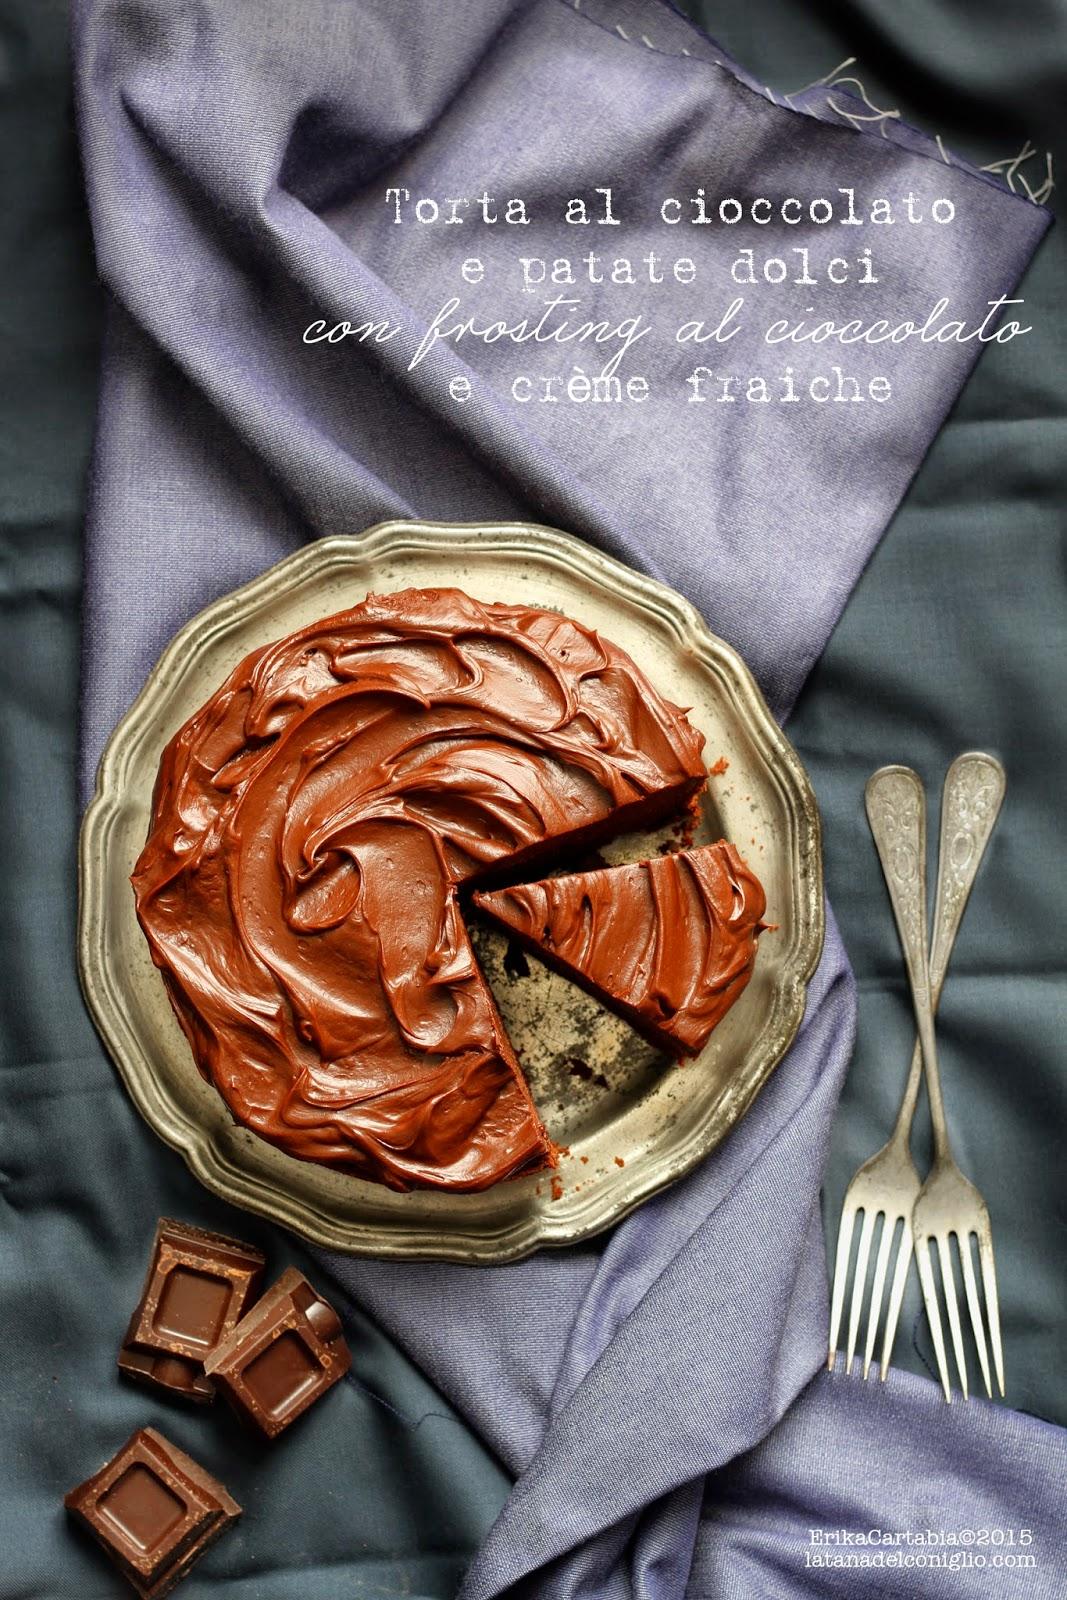 torta al cioccolato e patate dolci con frosting al cioccolato e crème fraiche